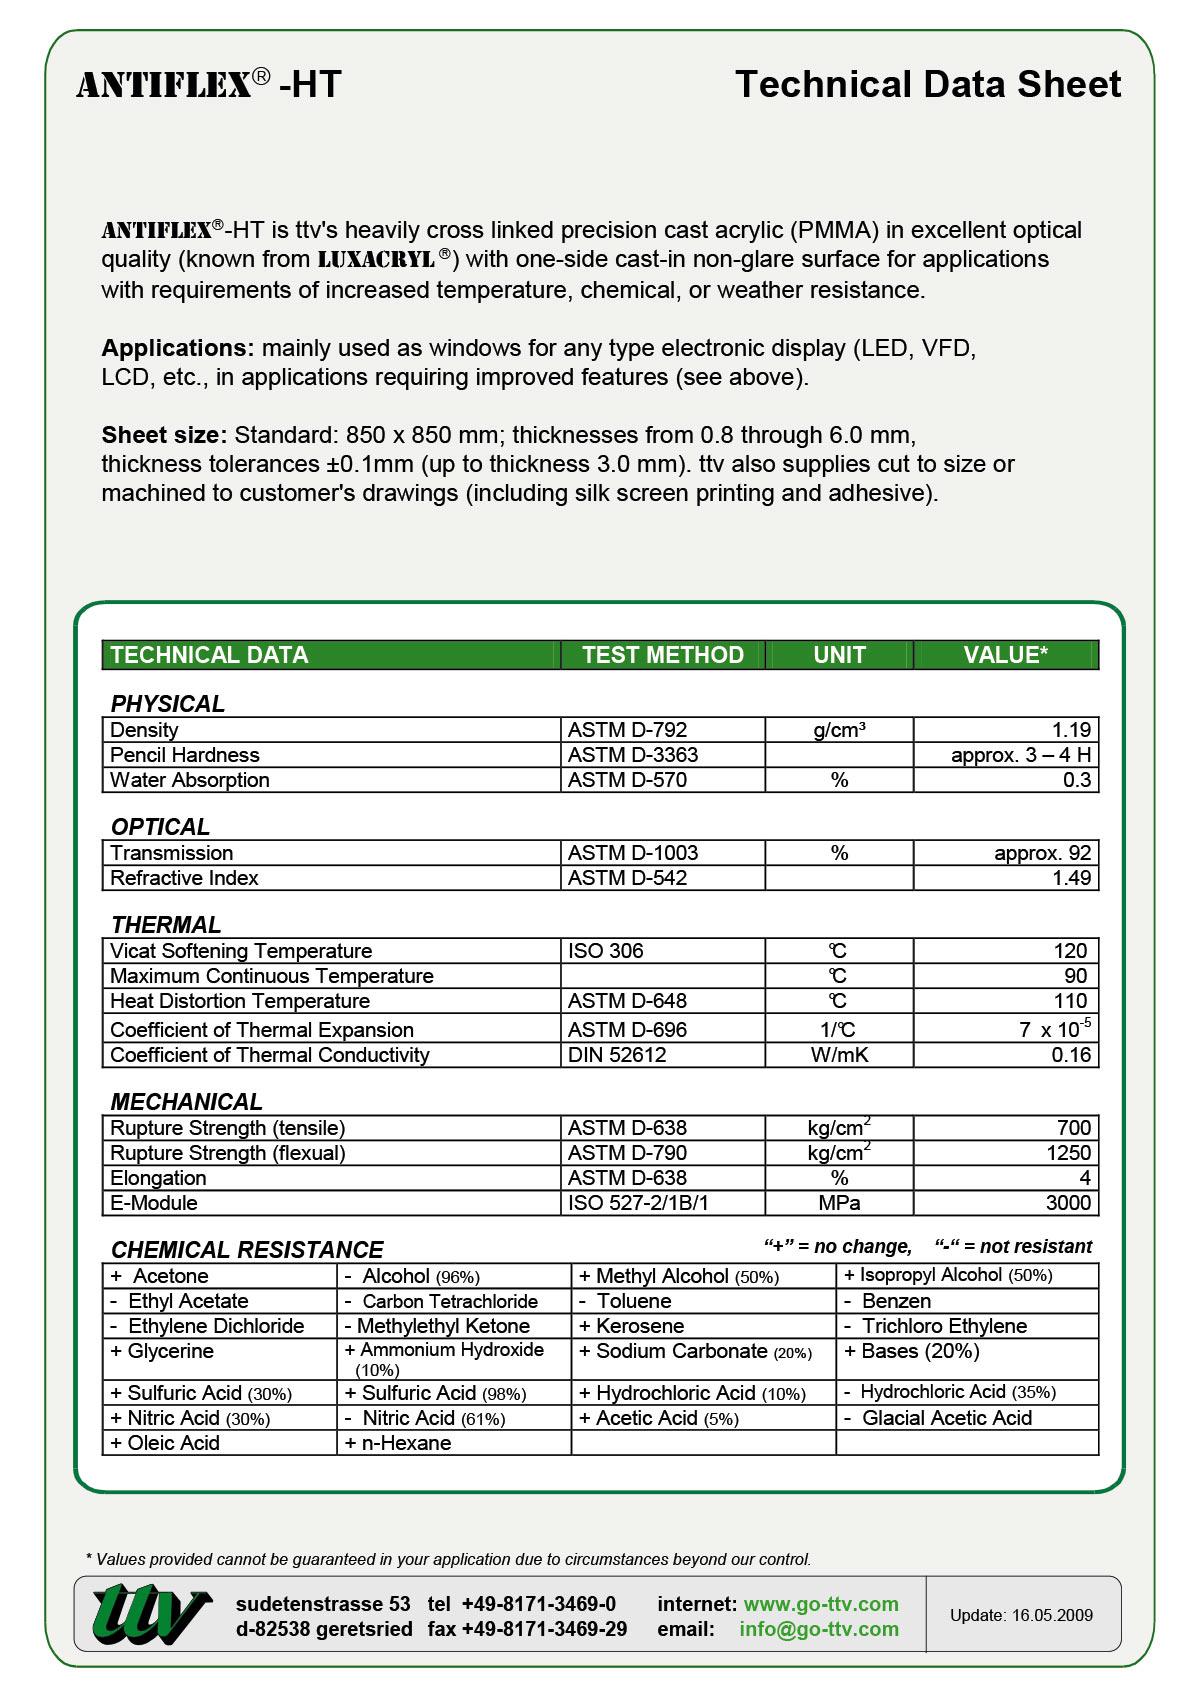 ANTIFLEX-HT Data sheet